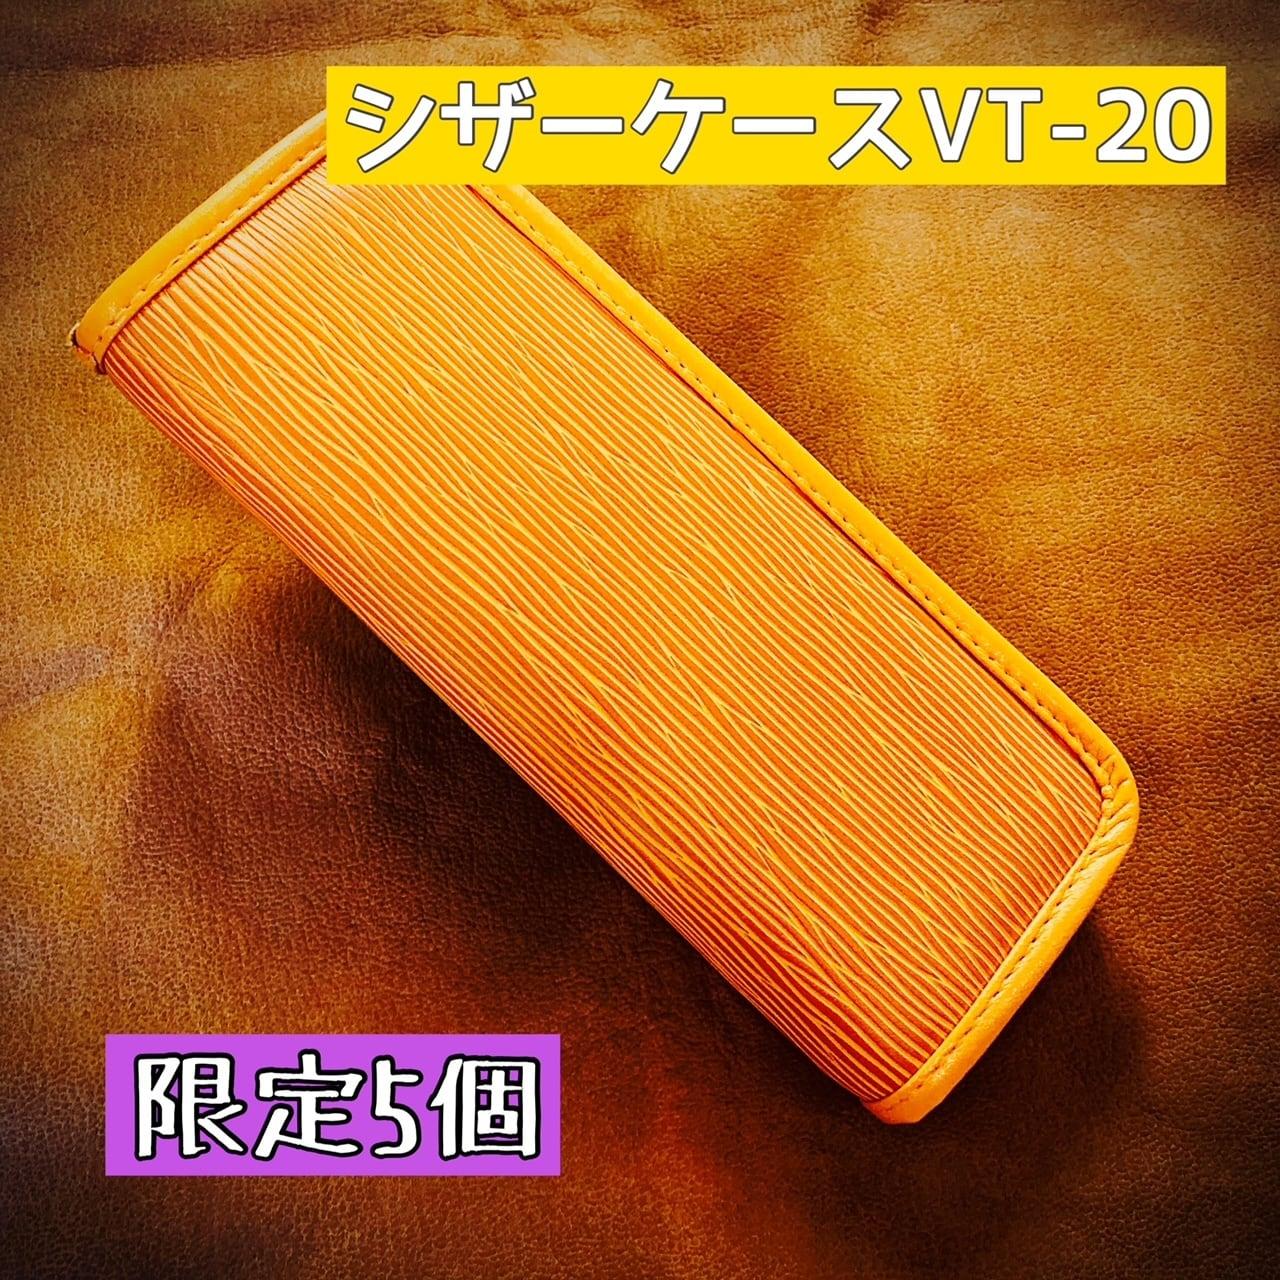 シザーケース VT-20  (YELLOW)